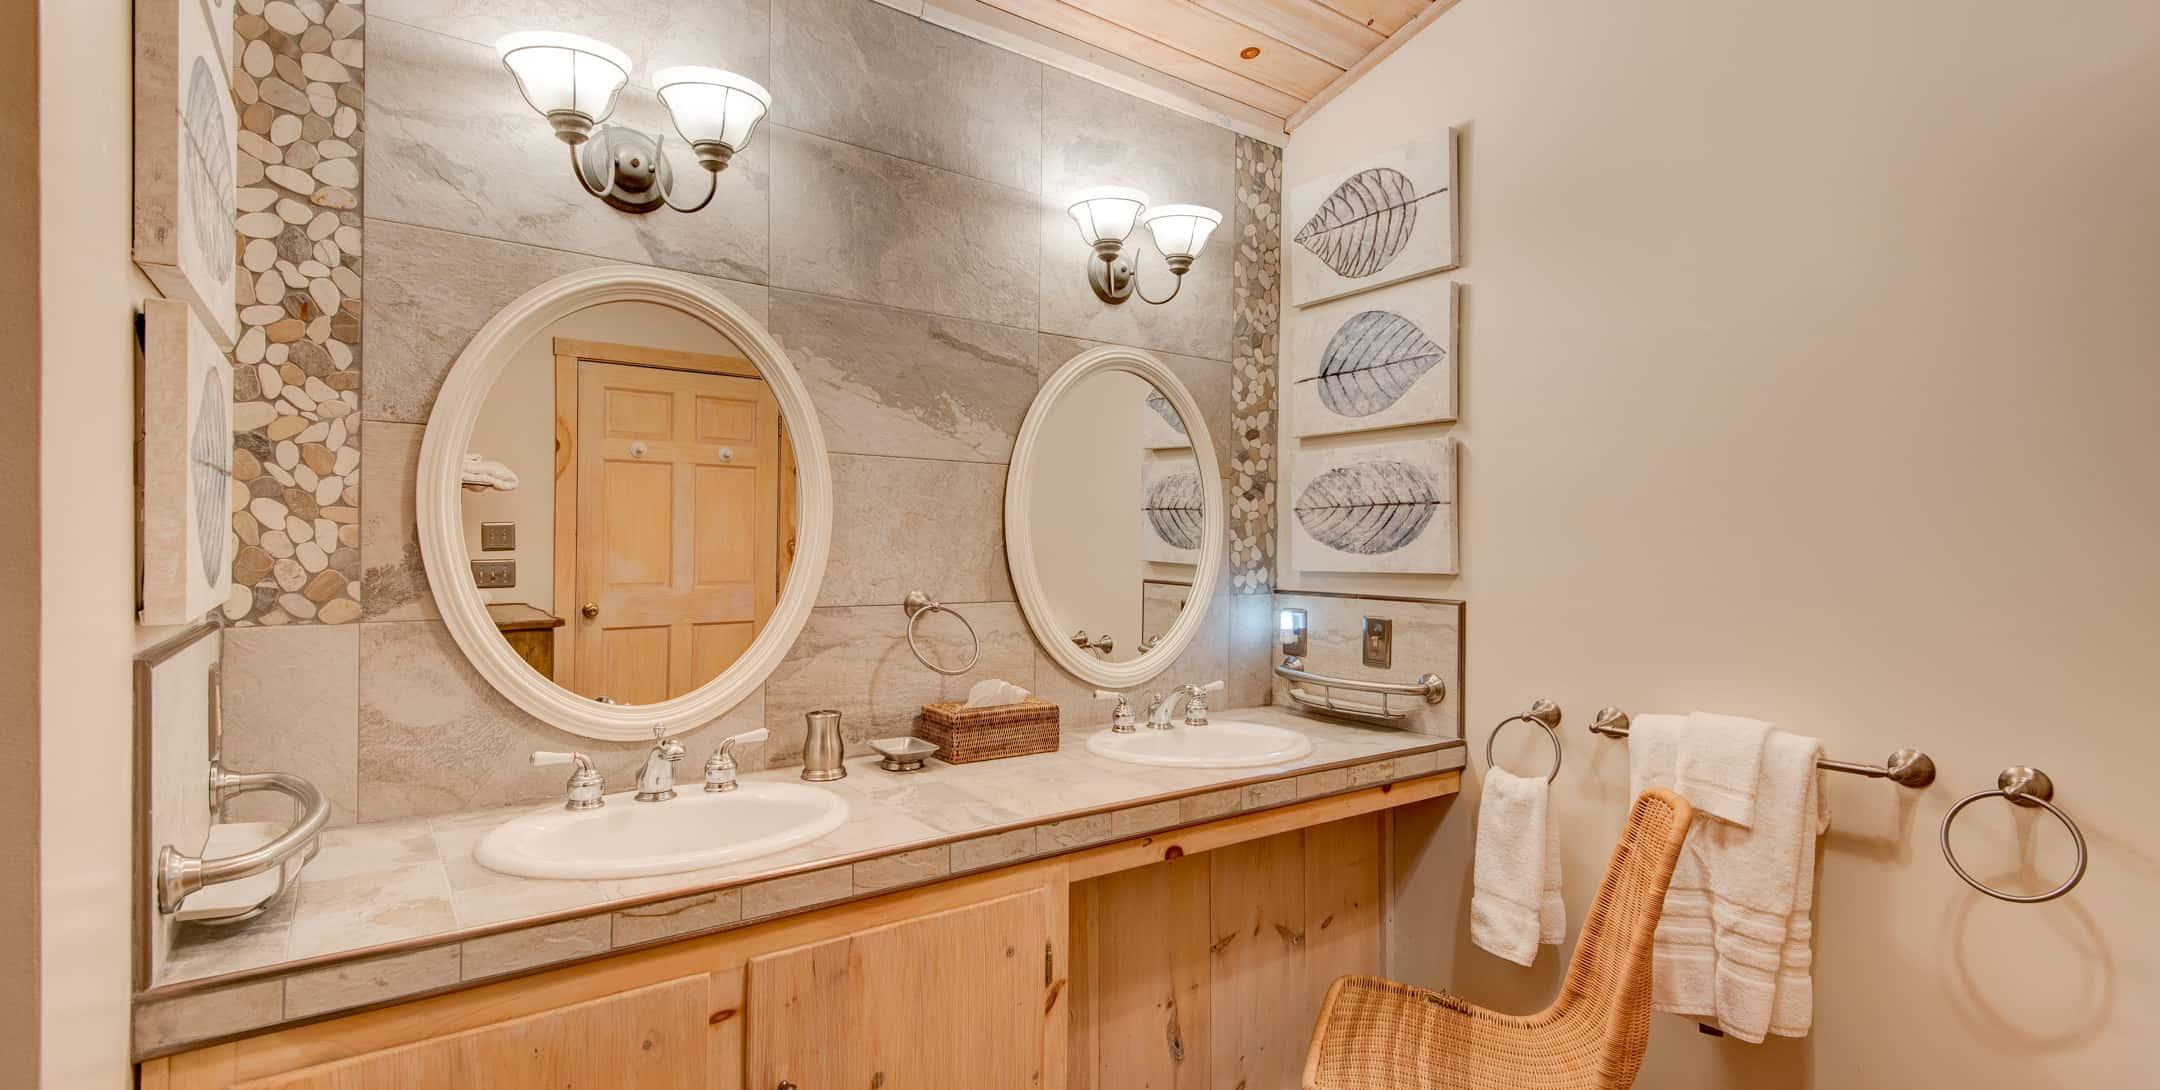 \Double vanity sinks